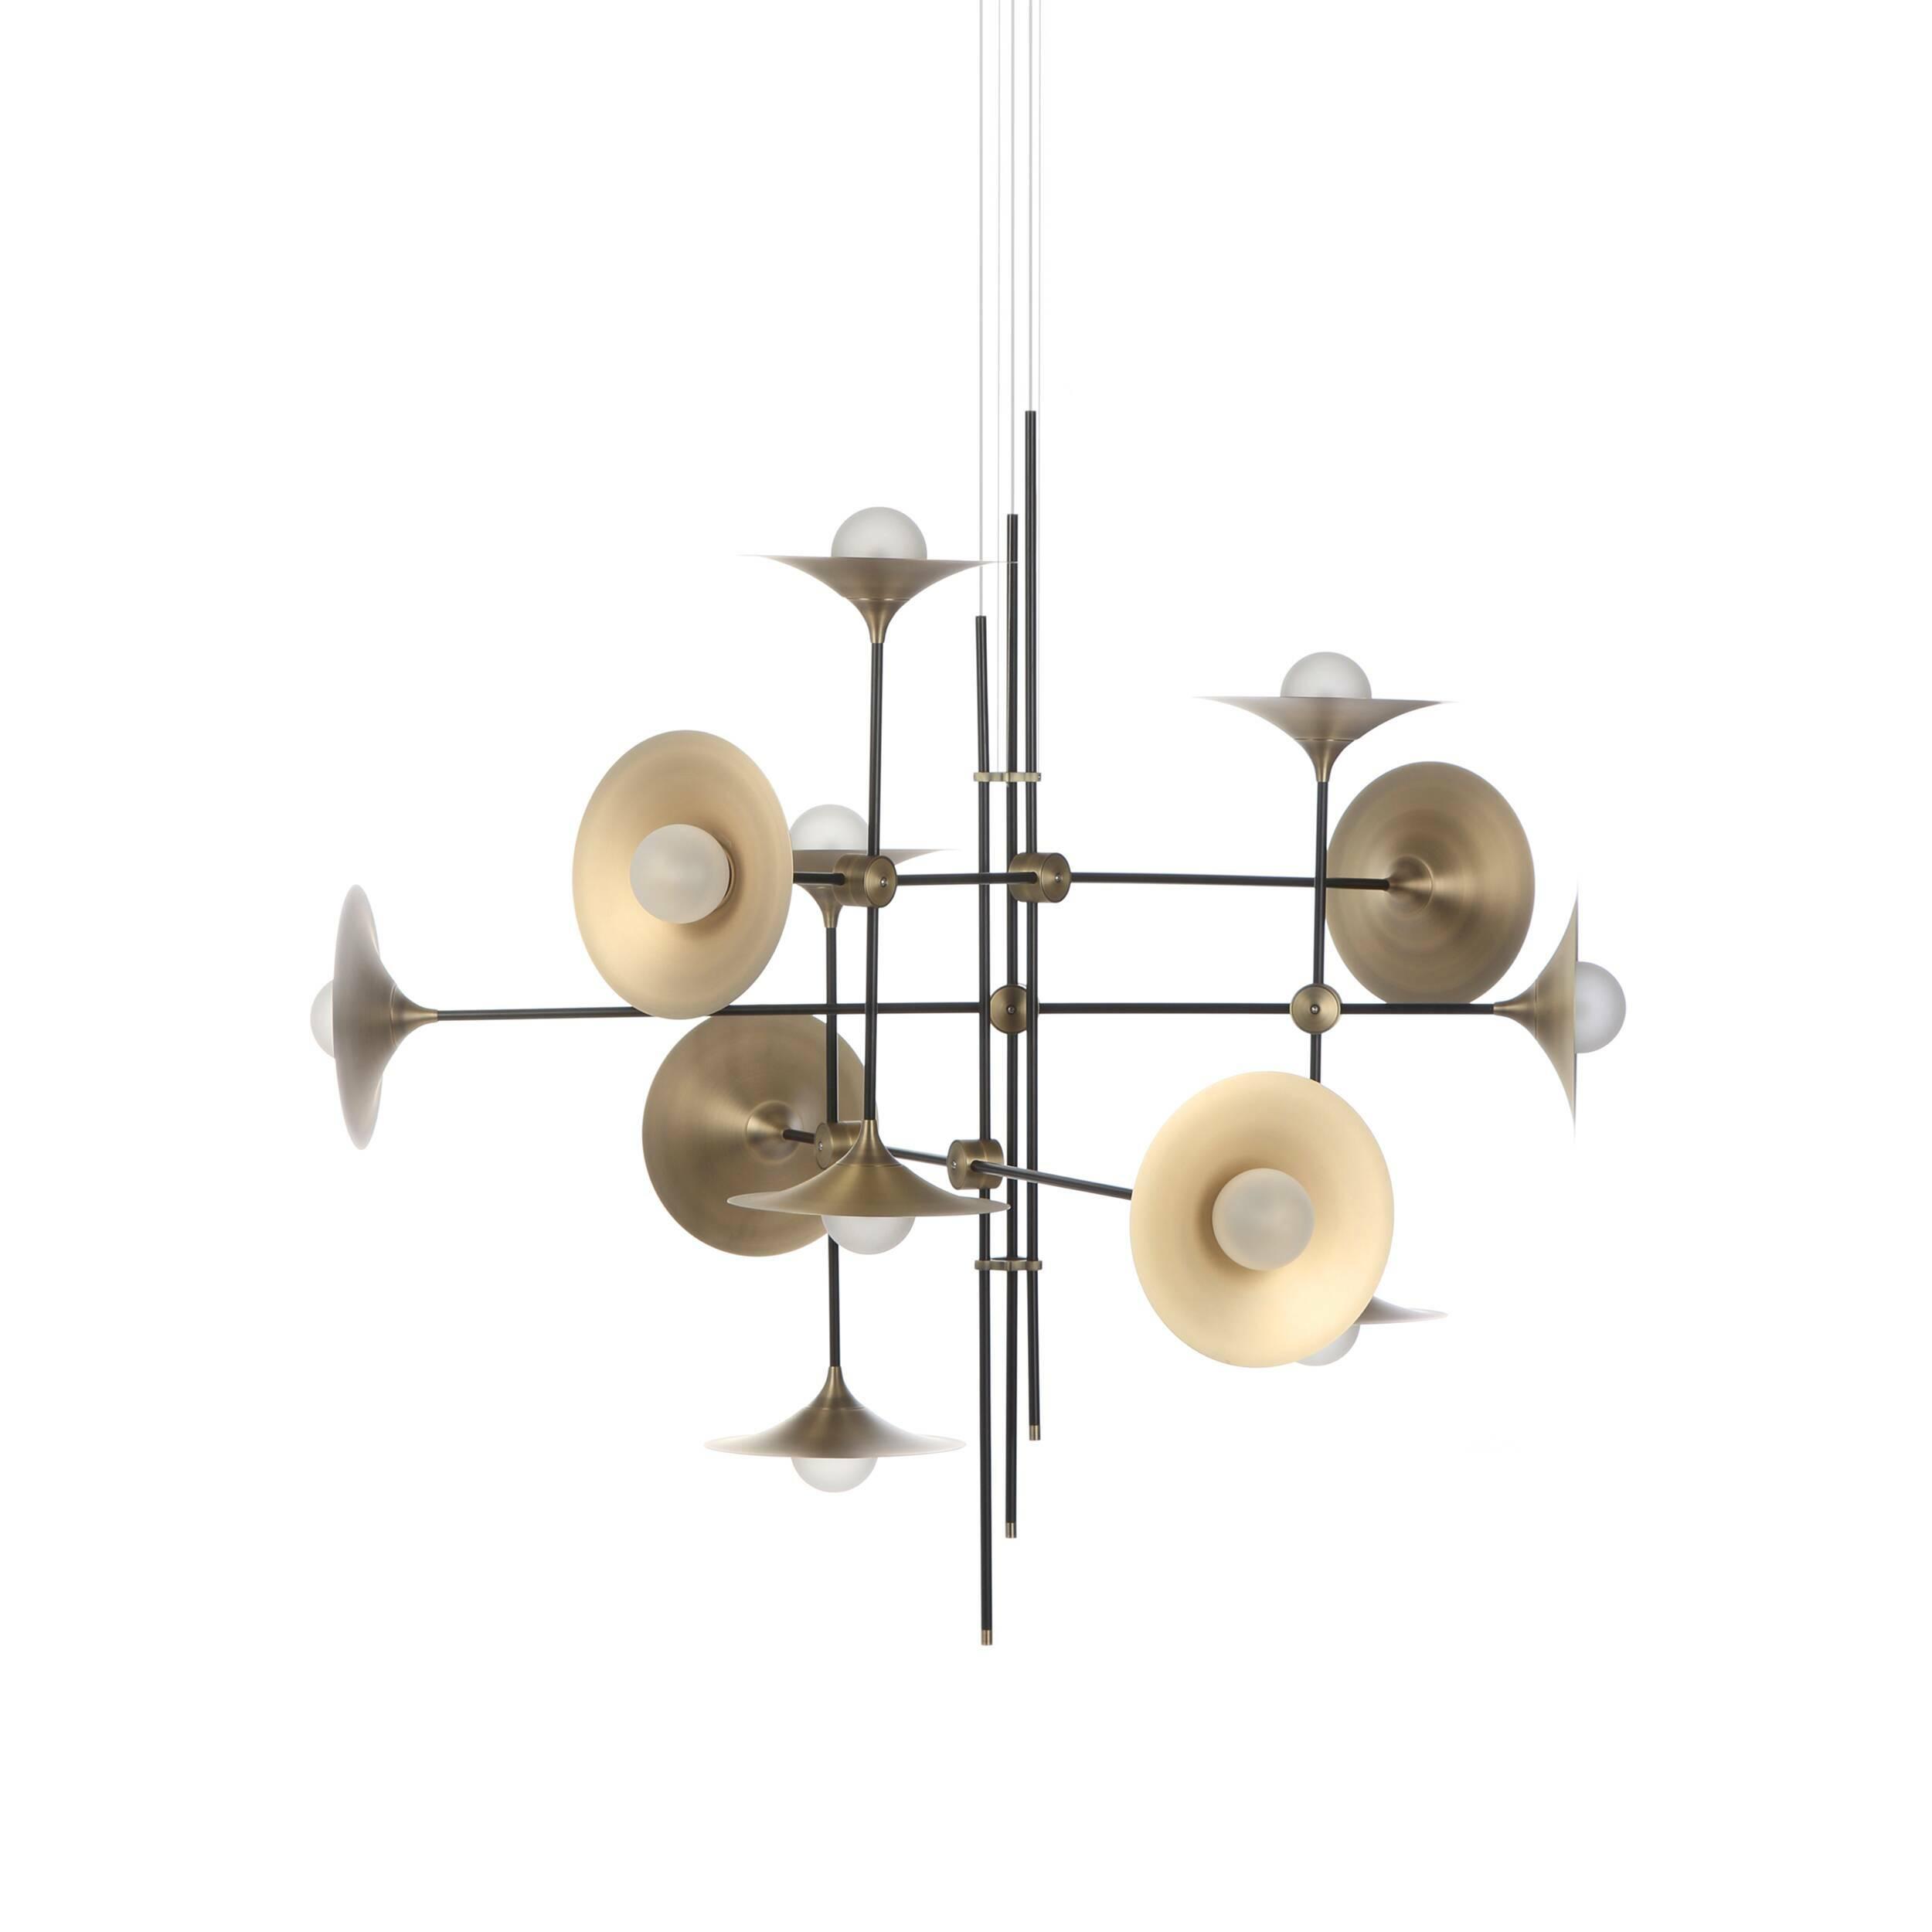 Потолочный светильник Jenkins, 12 лампПотолочные<br>Дизайнерский потолочный светильник Jenkins, 12 ламп представляет собой оригинальную конструкцию из абажуров в стиле минимализм. Сложный на первый взгляд, светильник выполнен из простых лаконичных элементов и может стать отличным дополнением как сложносочиненных интерьеров, так и строгих и минималистичных комнат.<br><br><br> Состав этой модели прост – стекло и металл. Такая основа обеспечивает изделию высокую прочность и необычайно долгий срок службы. А еще светильник обладает стильной современ...<br><br>stock: 0<br>Высота: 180<br>Длина: 140<br>Материал абажура: Стекло<br>Материал арматуры: Металл<br>Мощность лампы: 2<br>Тип лампы/цоколь: G9<br>Цвет абажура: Латунь<br>Цвет арматуры: Черный матовый